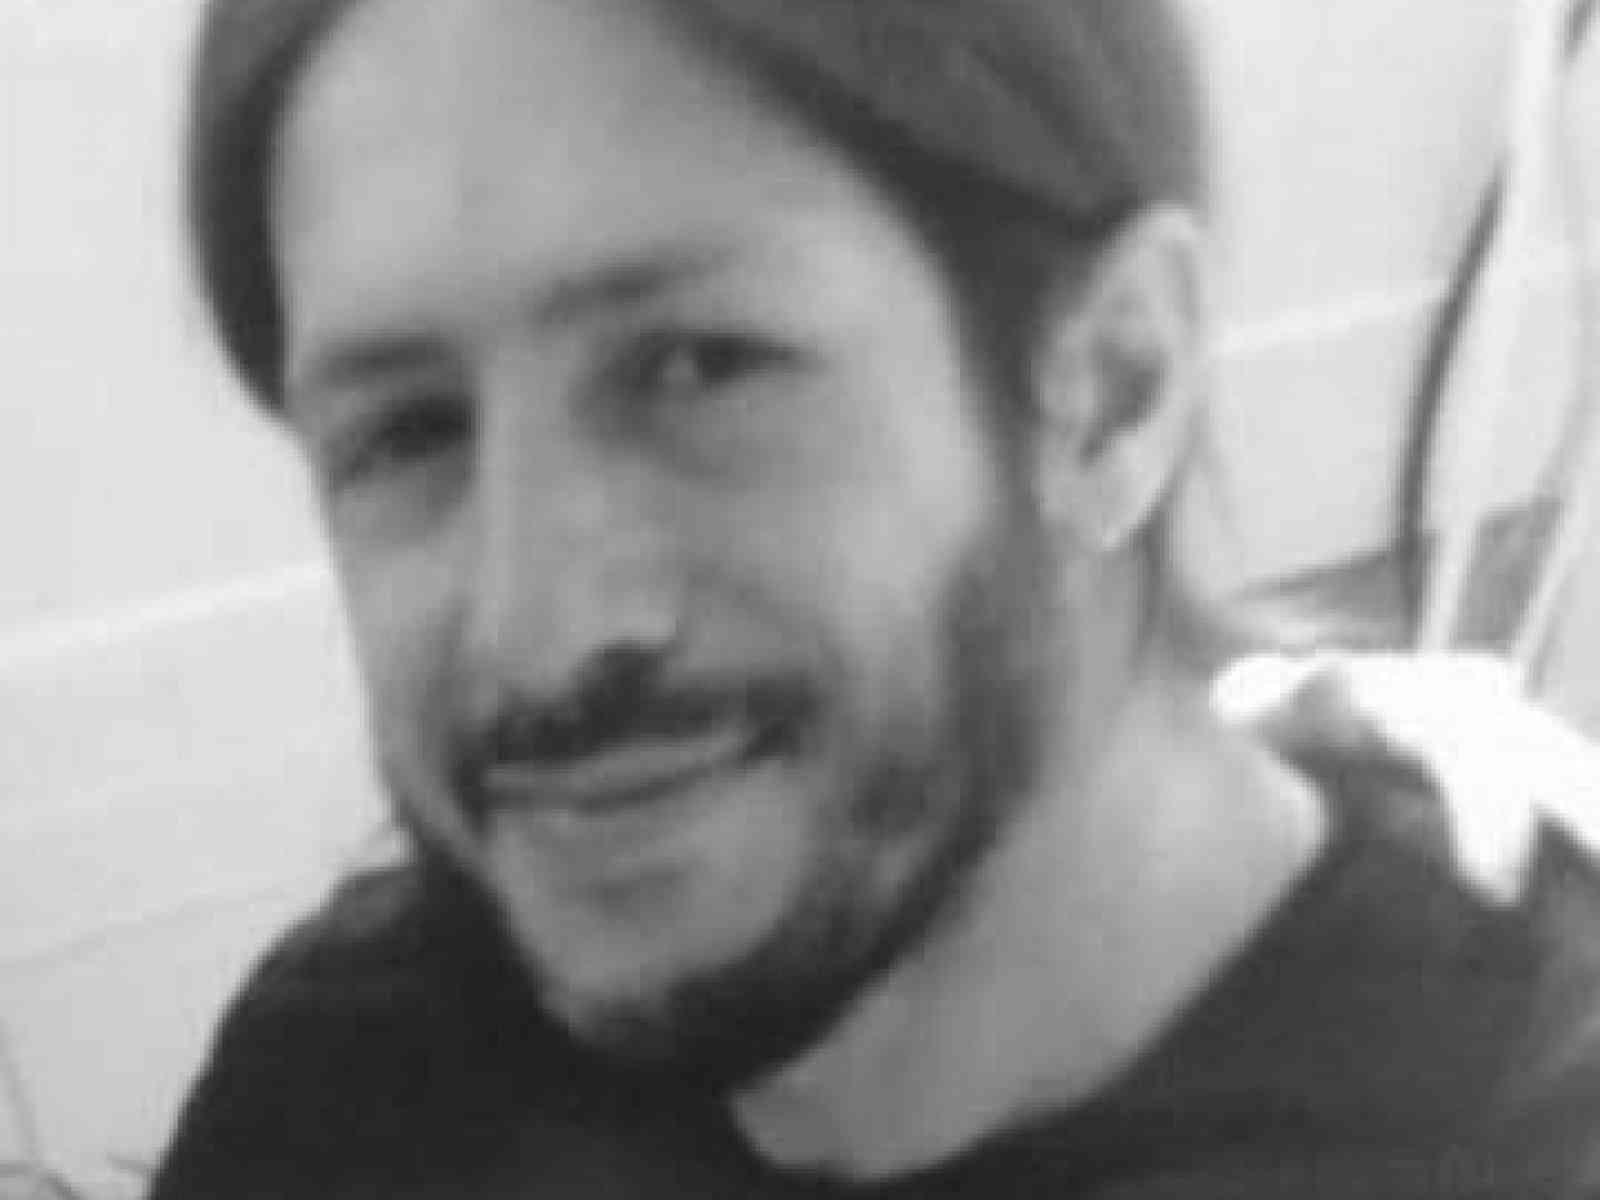 Immagine articolo: Uomo 50enne di S. Margherita trovato morto a Manchester in un parco. E' giallo. Indaga la polizia inglese